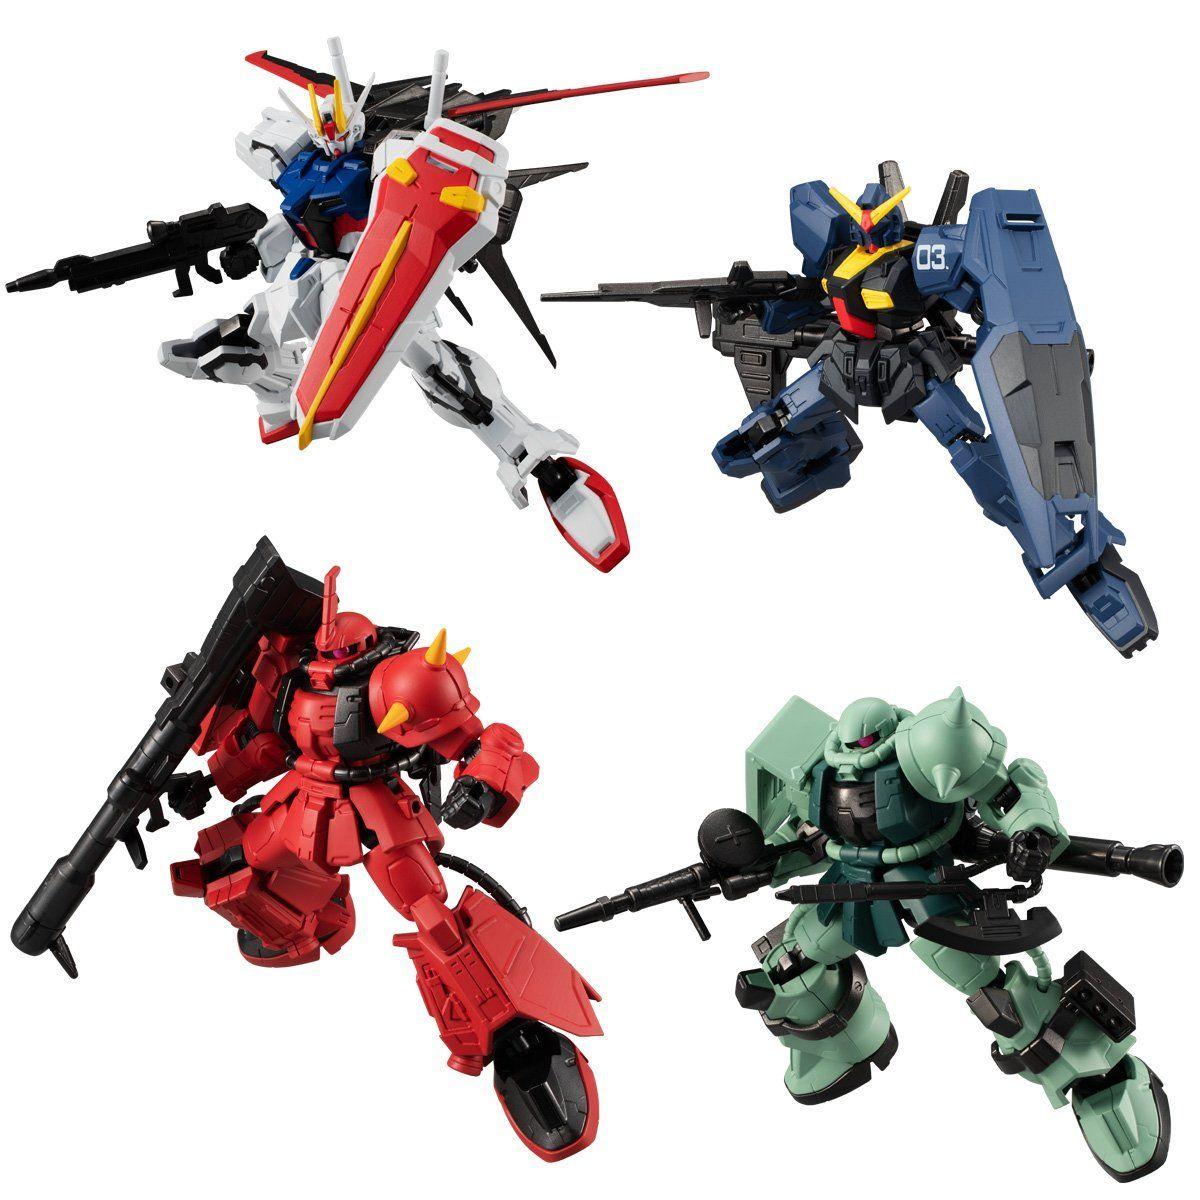 【食玩】機動戦士ガンダム『Gフレーム10』可動フィギュア 10個入りBOX-001